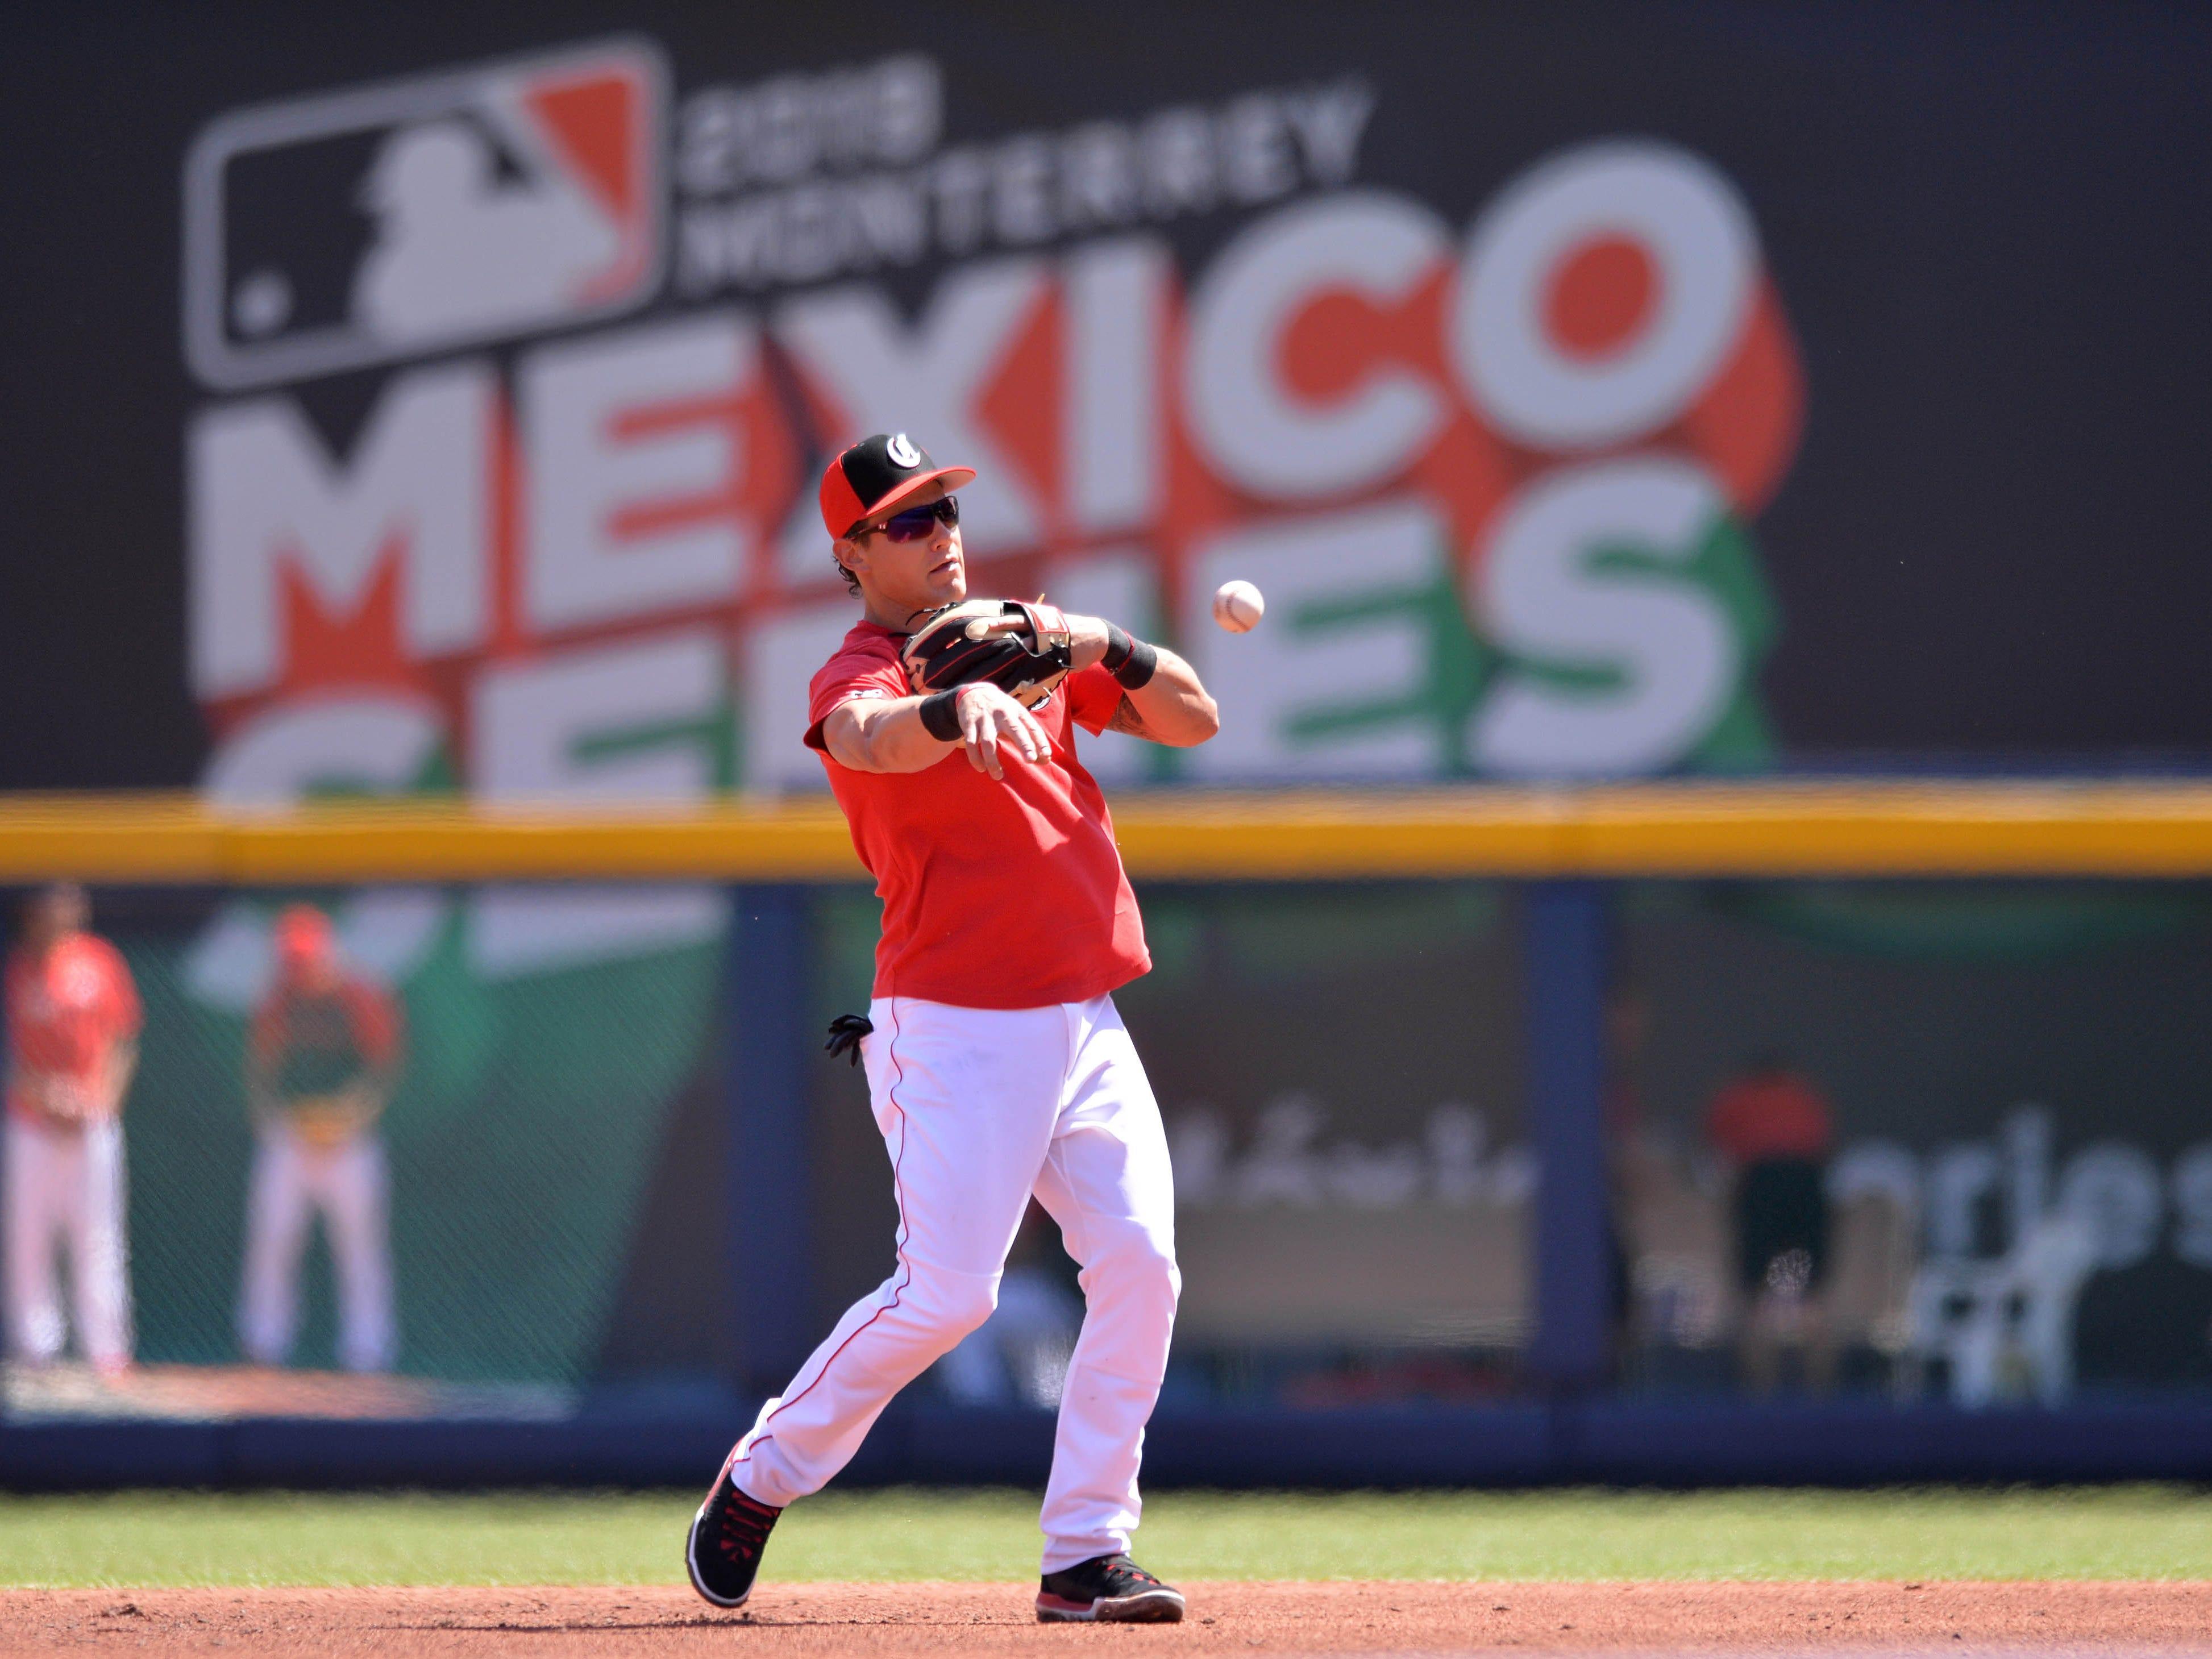 Cincinnati Reds Derek Dietrich throws in the infield before the game against the St. Louis Cardinals at Estadio de Beisbol Monterrey.